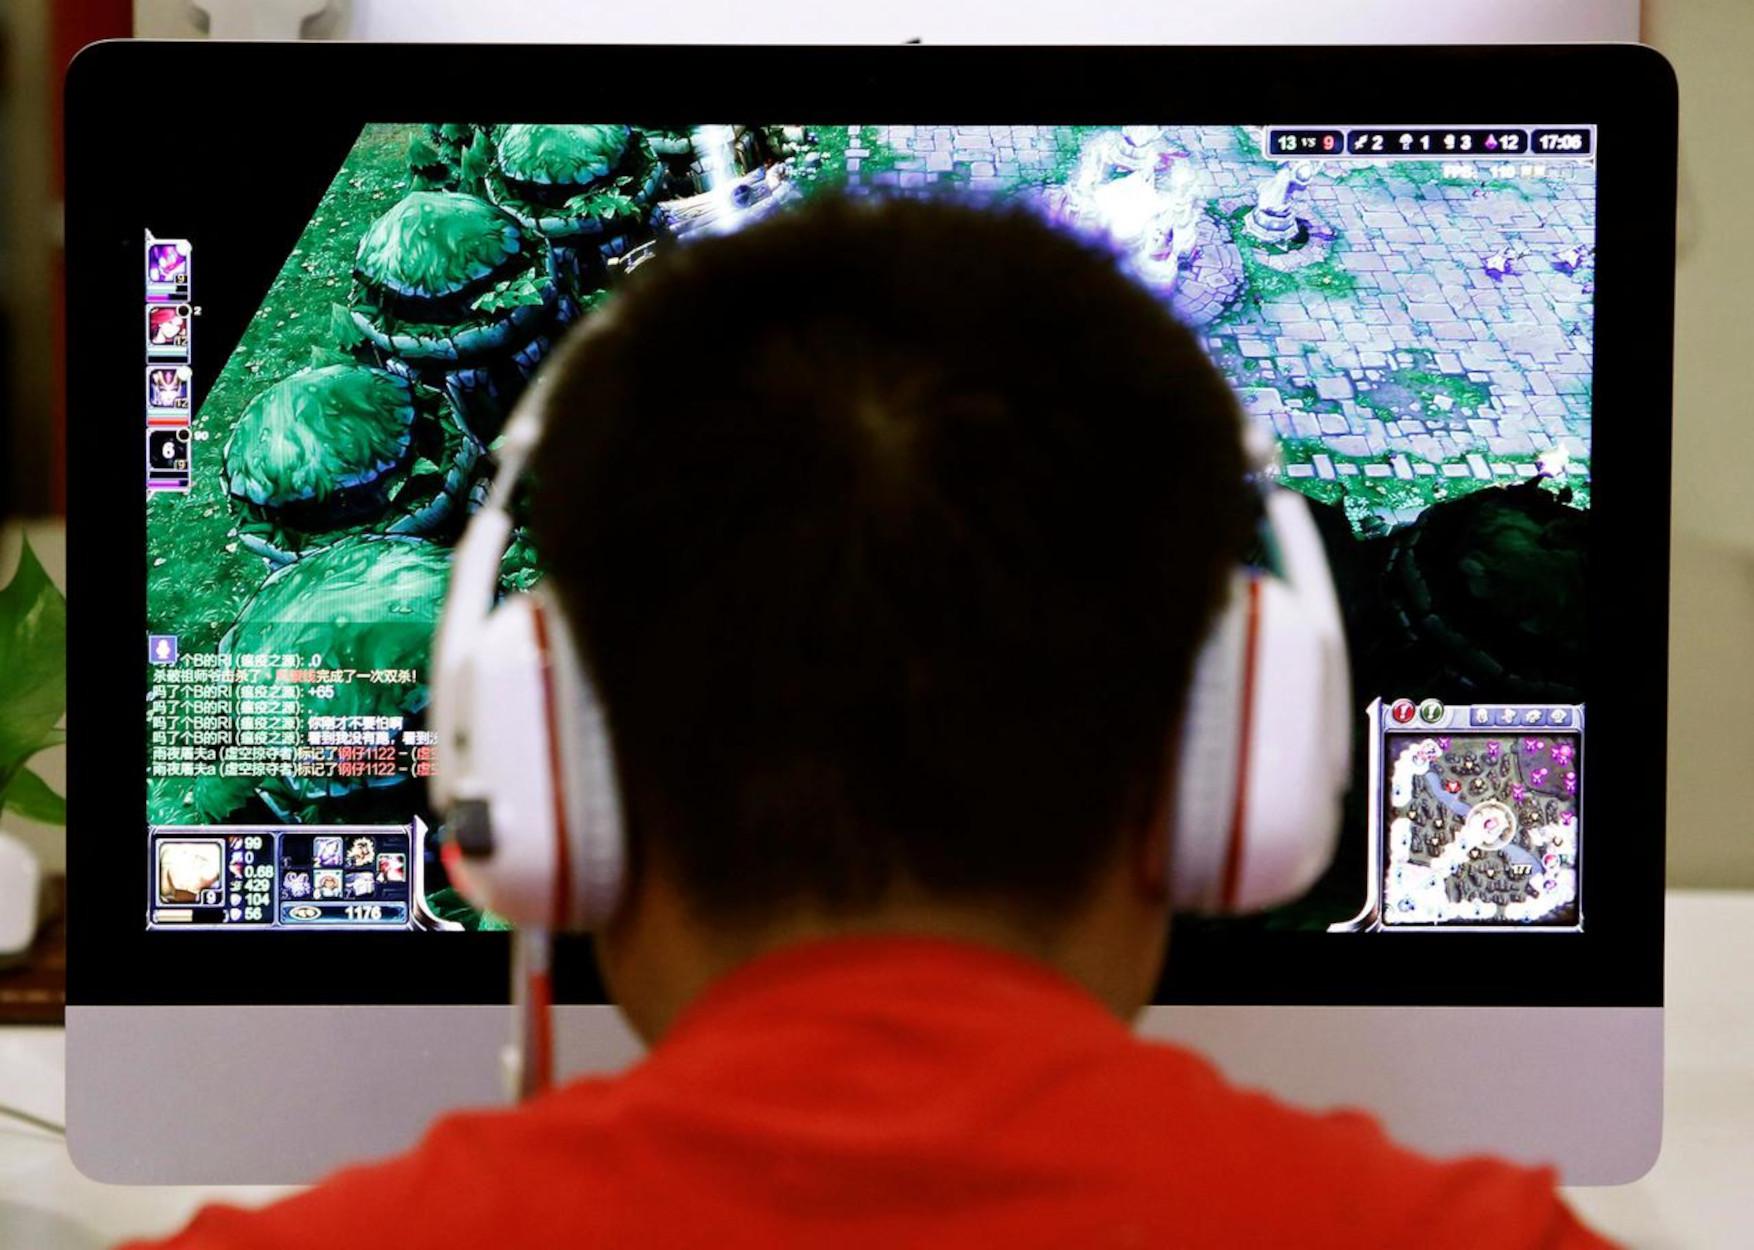 Σχεδόν 1 στους 3 παγκοσμίως παίζει video games